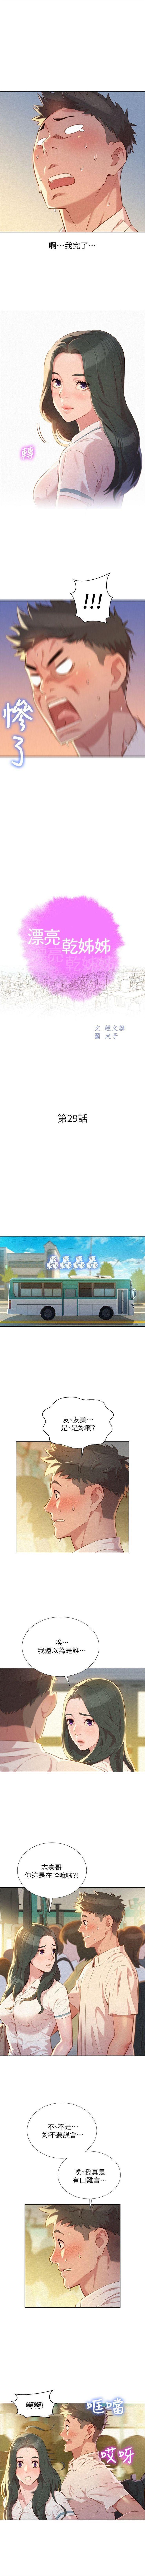 (周7)漂亮干姐姐  1-79 中文翻译 (更新中) 146